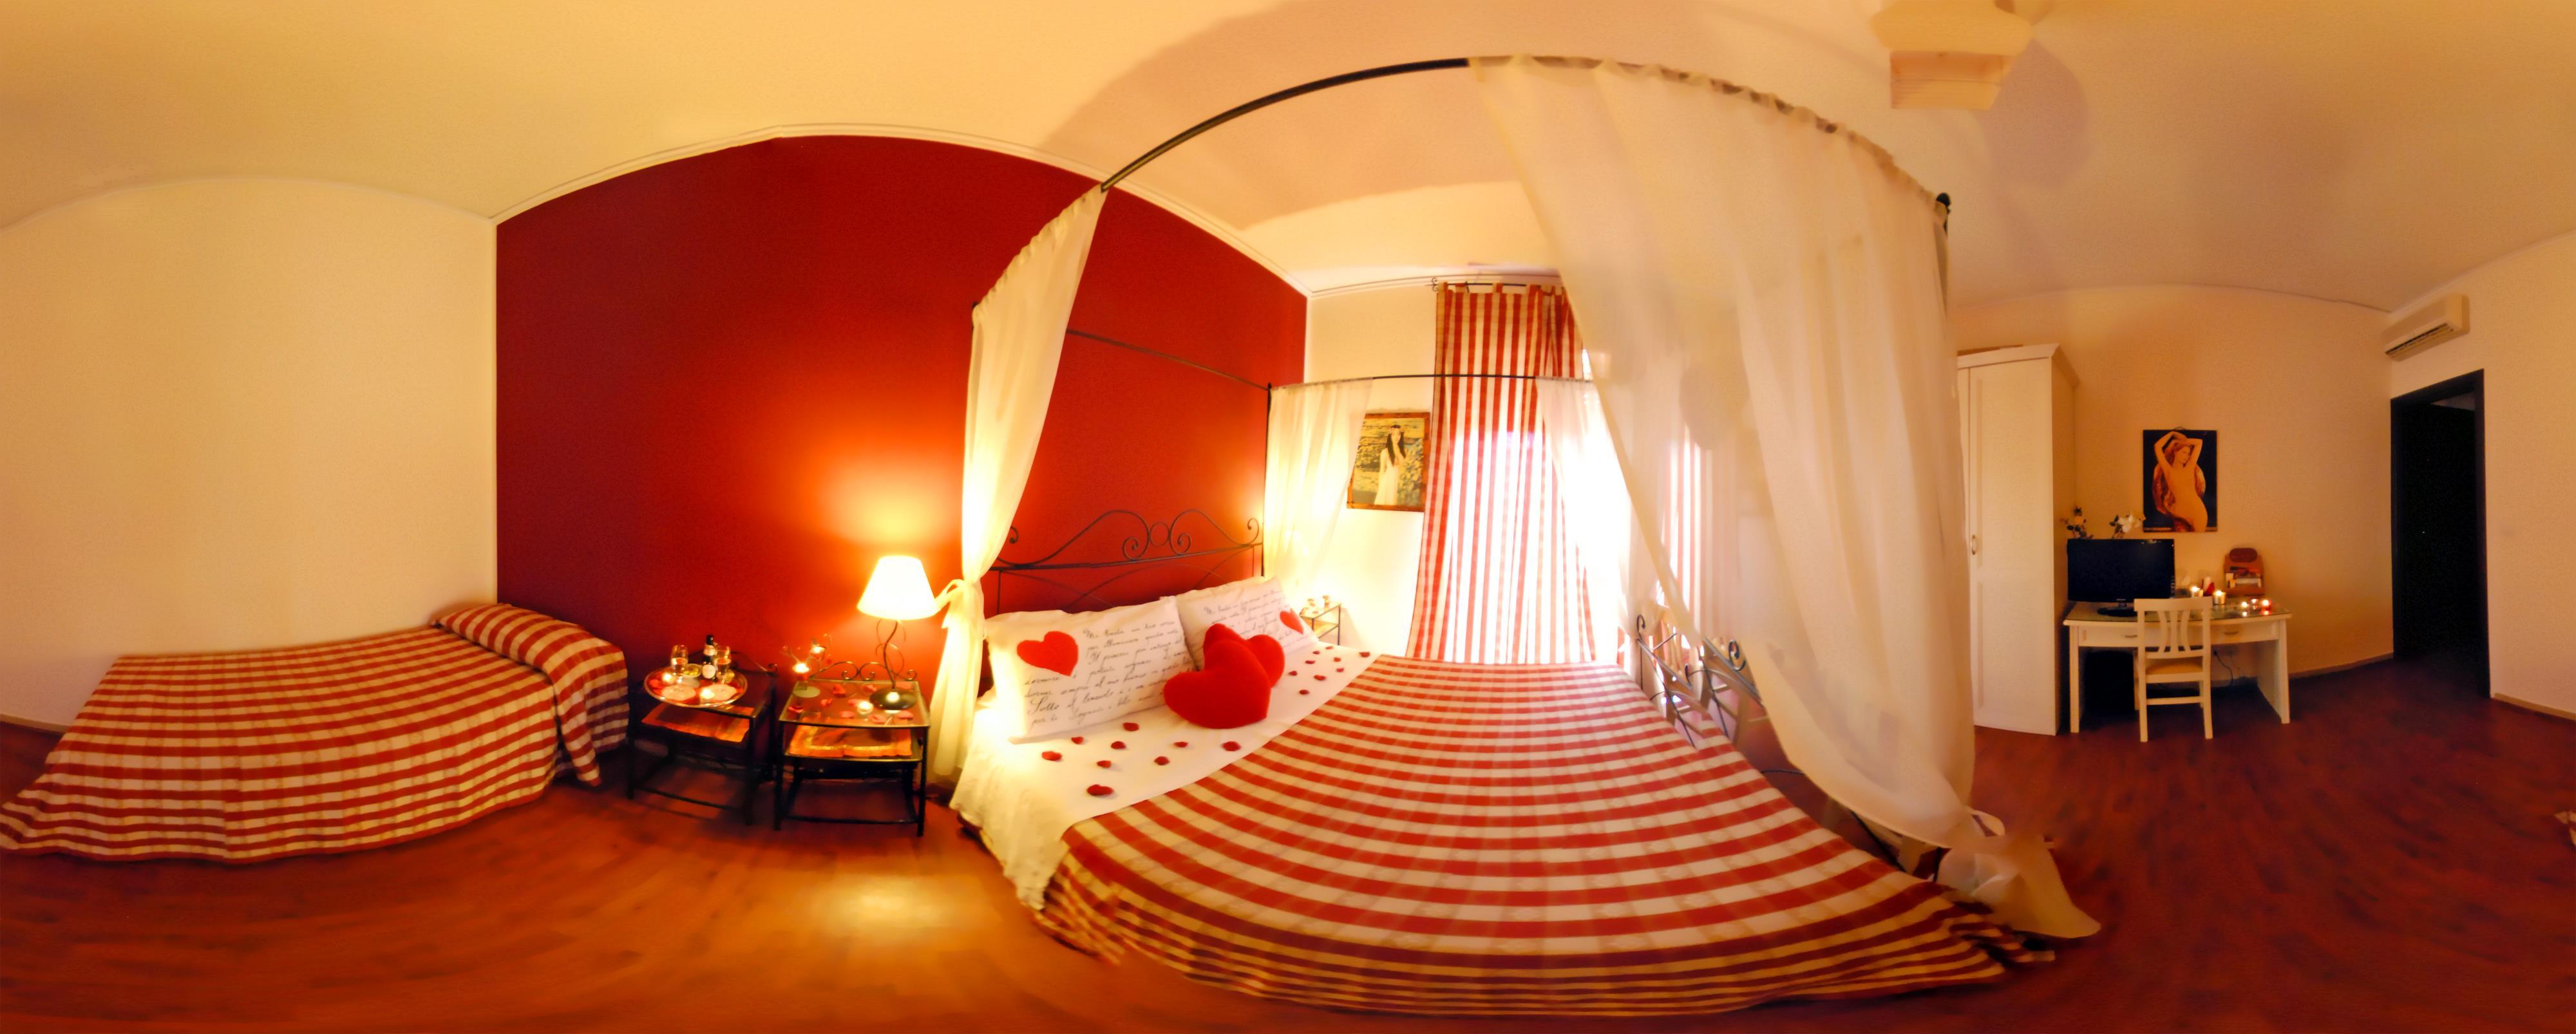 Offerta camera romantica coppie letto baldacchino e cabina benessere doccia idromassaggio casa - Stanza da letto romantica ...